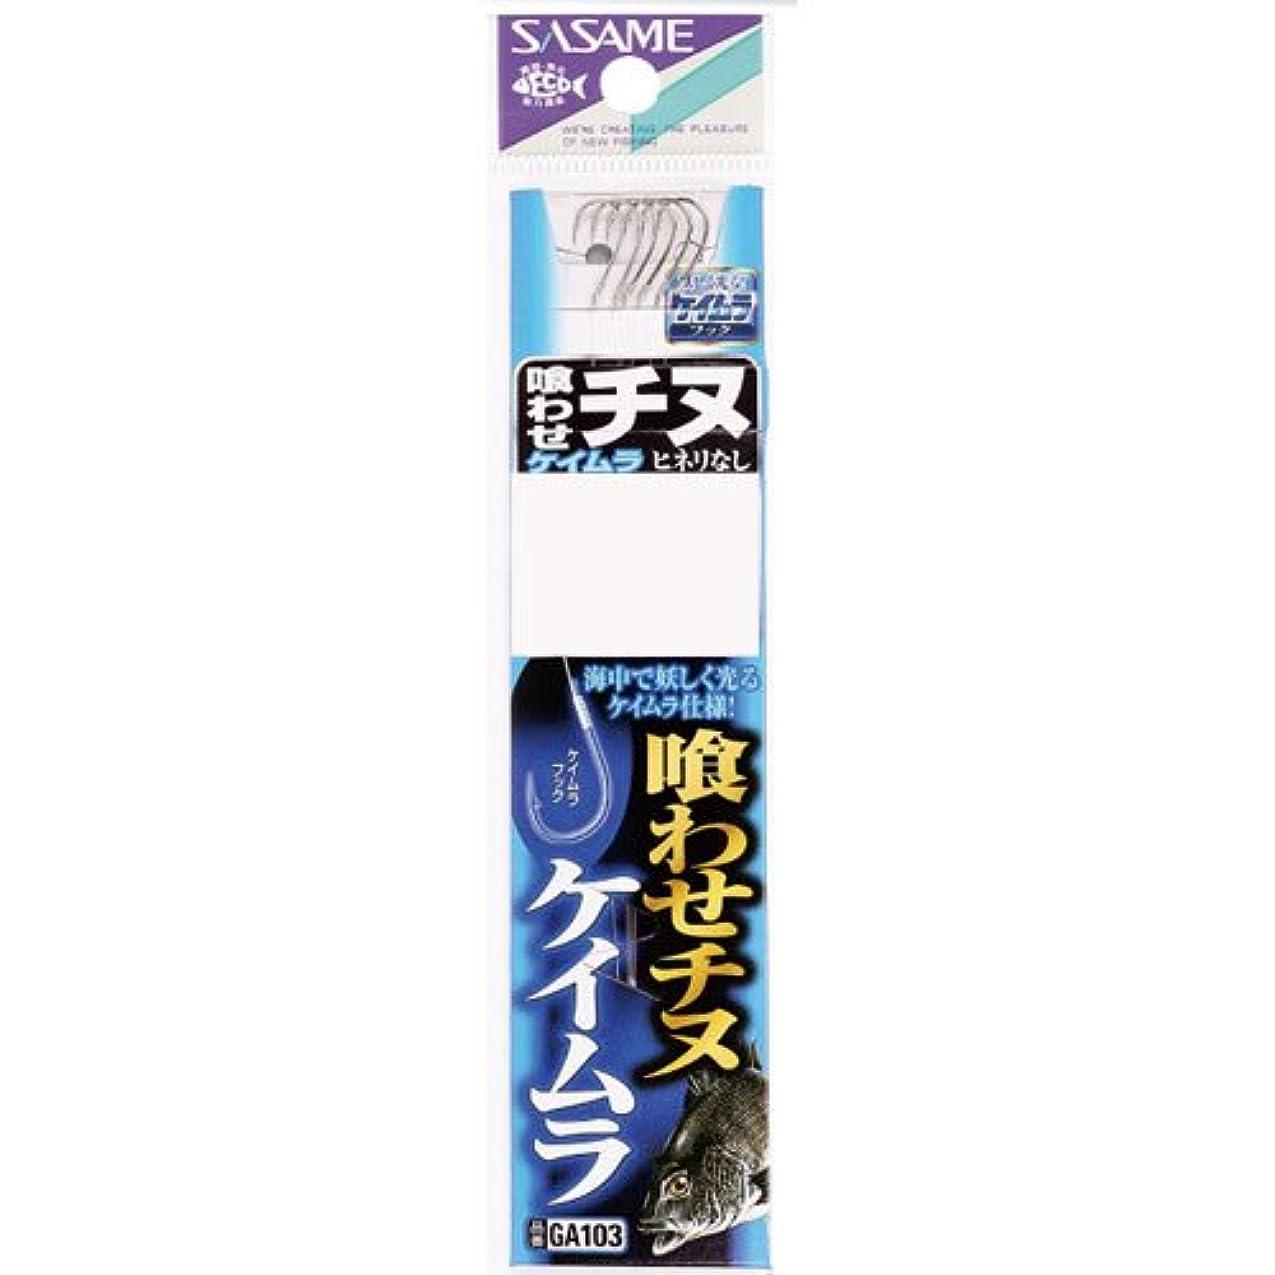 セラー目立つ夏ササメ針 GA103 喰わせチヌ(ケイムラ)糸付 3-1.5